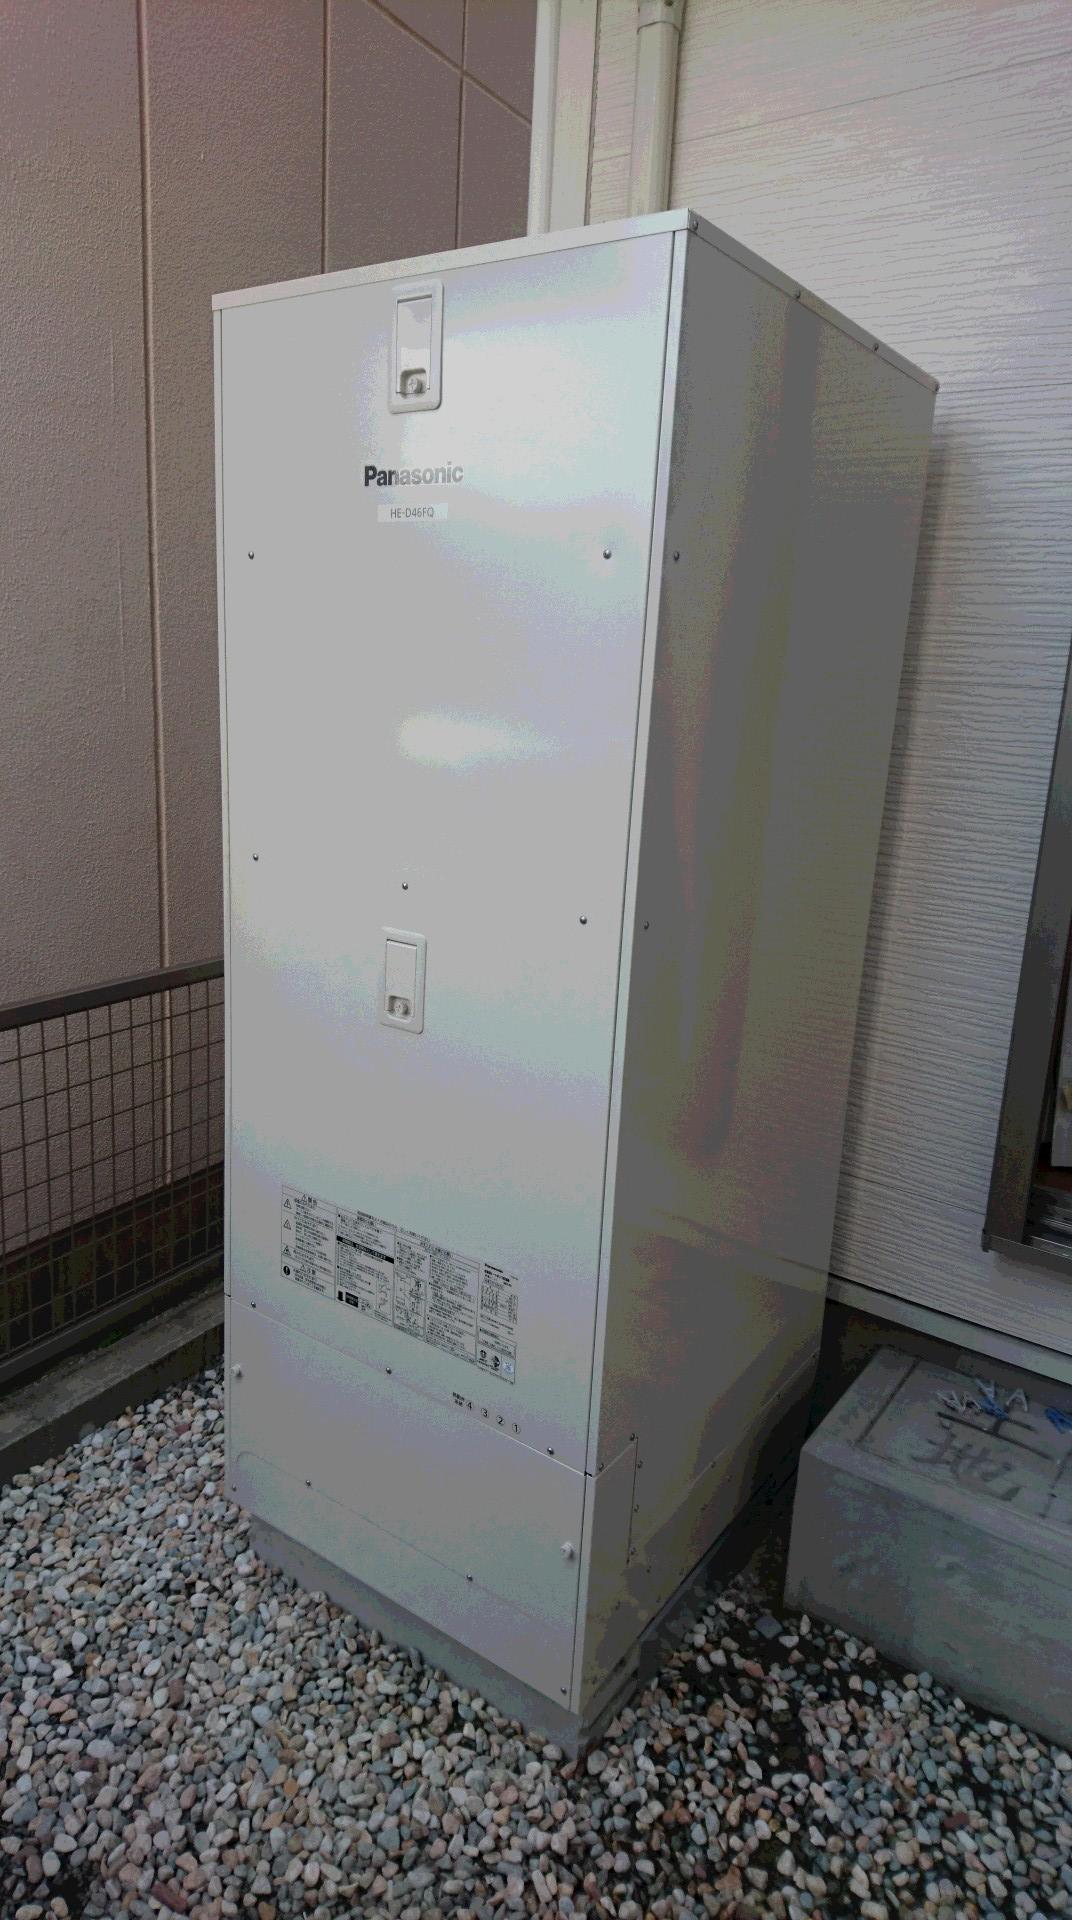 和歌山県PanasonicエコキュートHE-D46FQS三菱IHクッキングヒーターCS-PT316HNSR施工後の写真